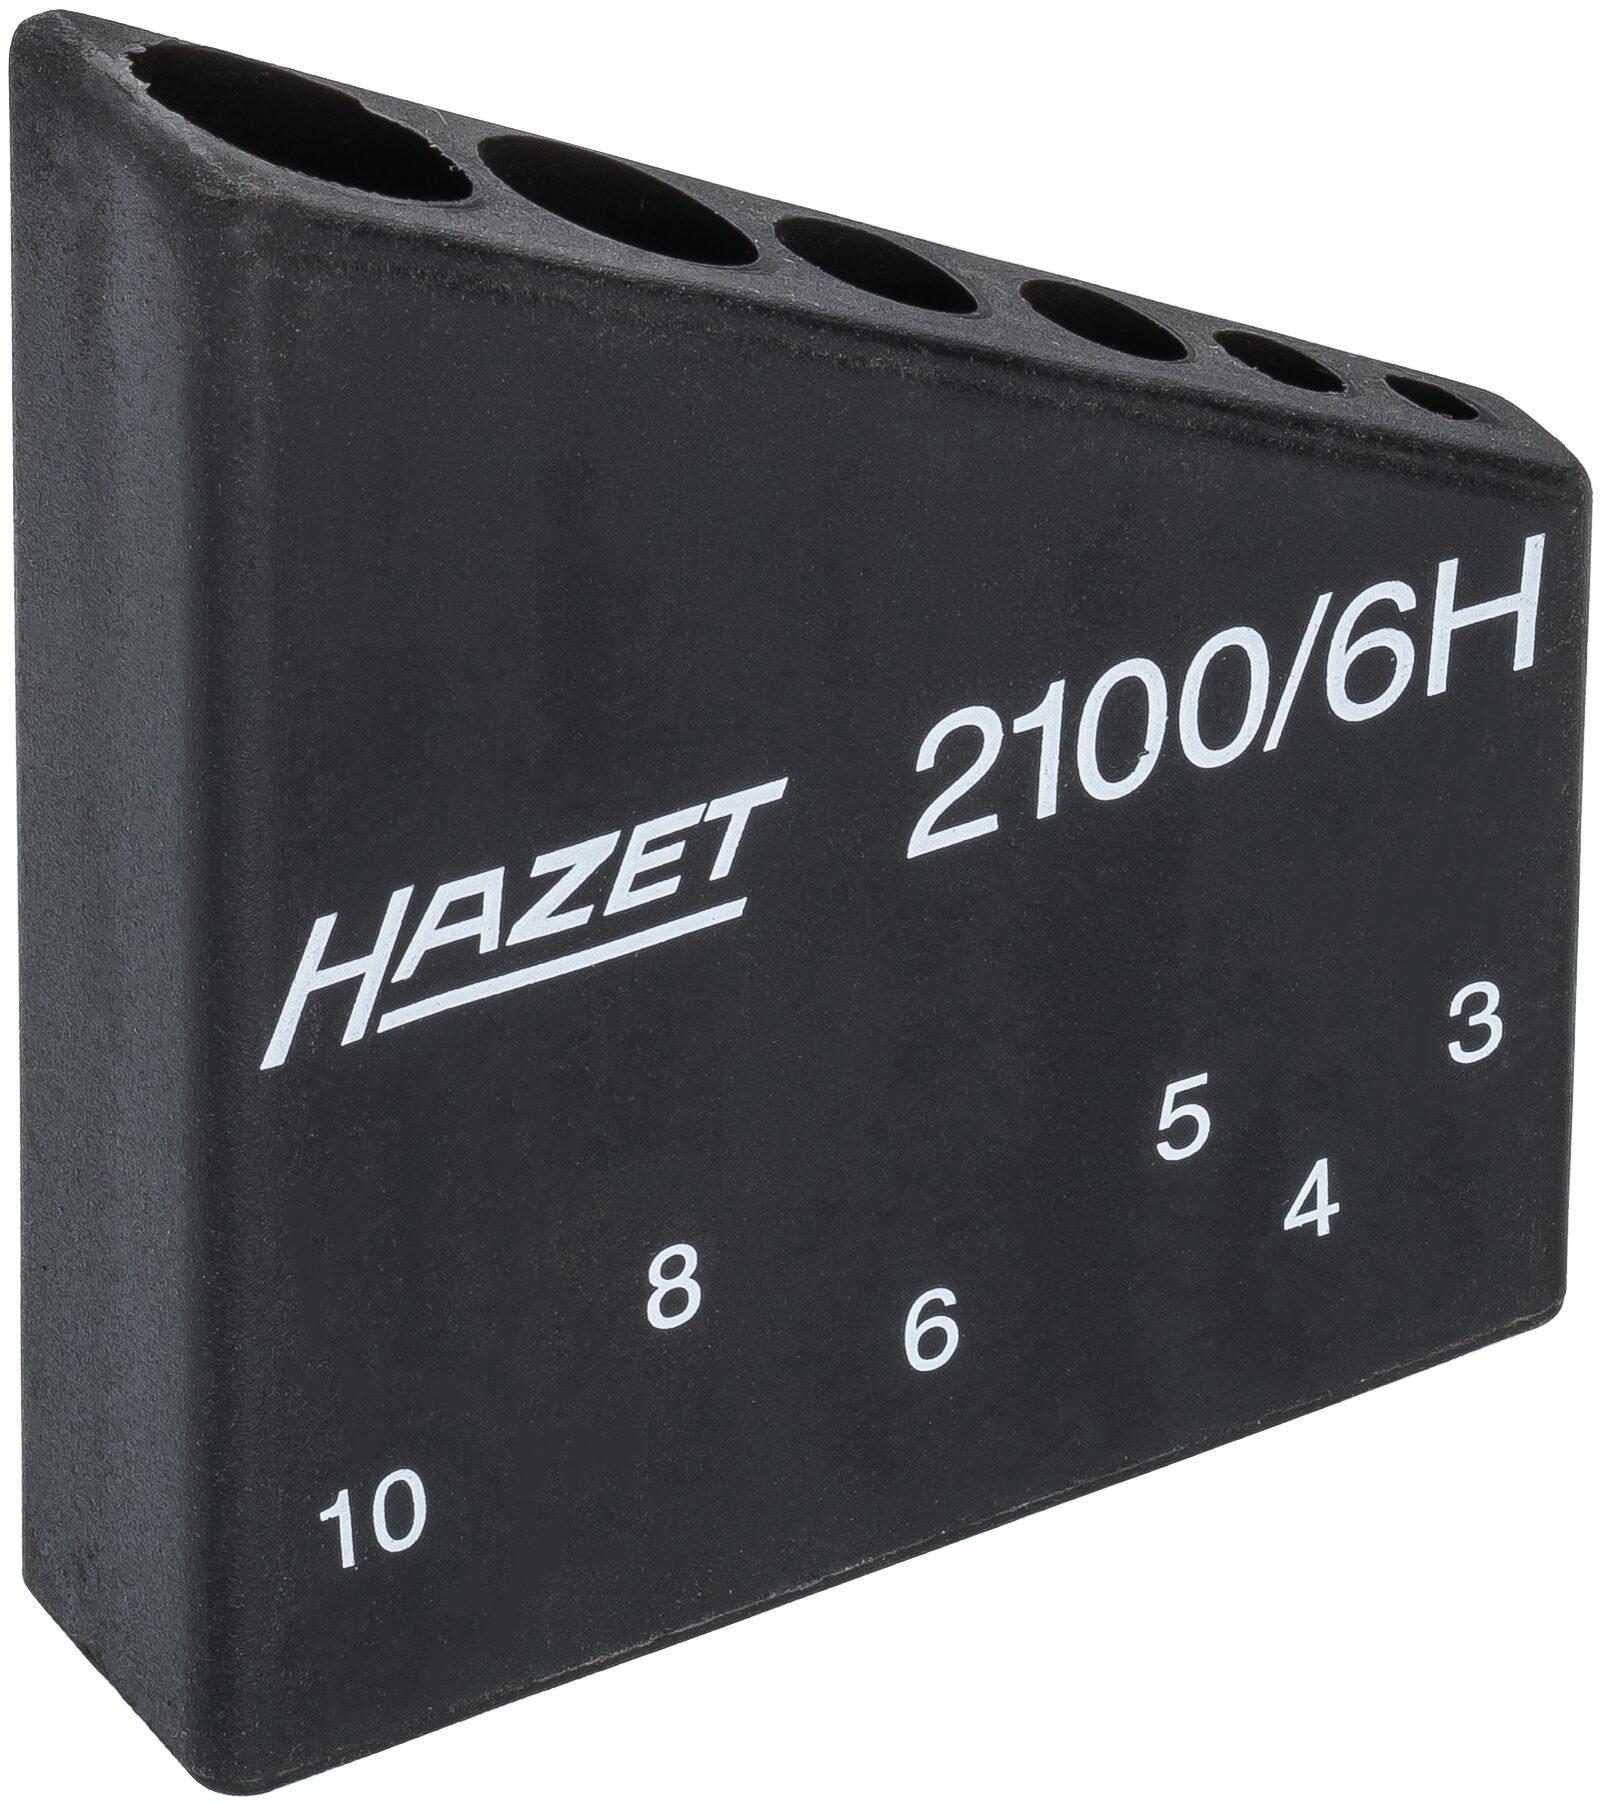 HAZET Werkzeug Halter 2100/6HL